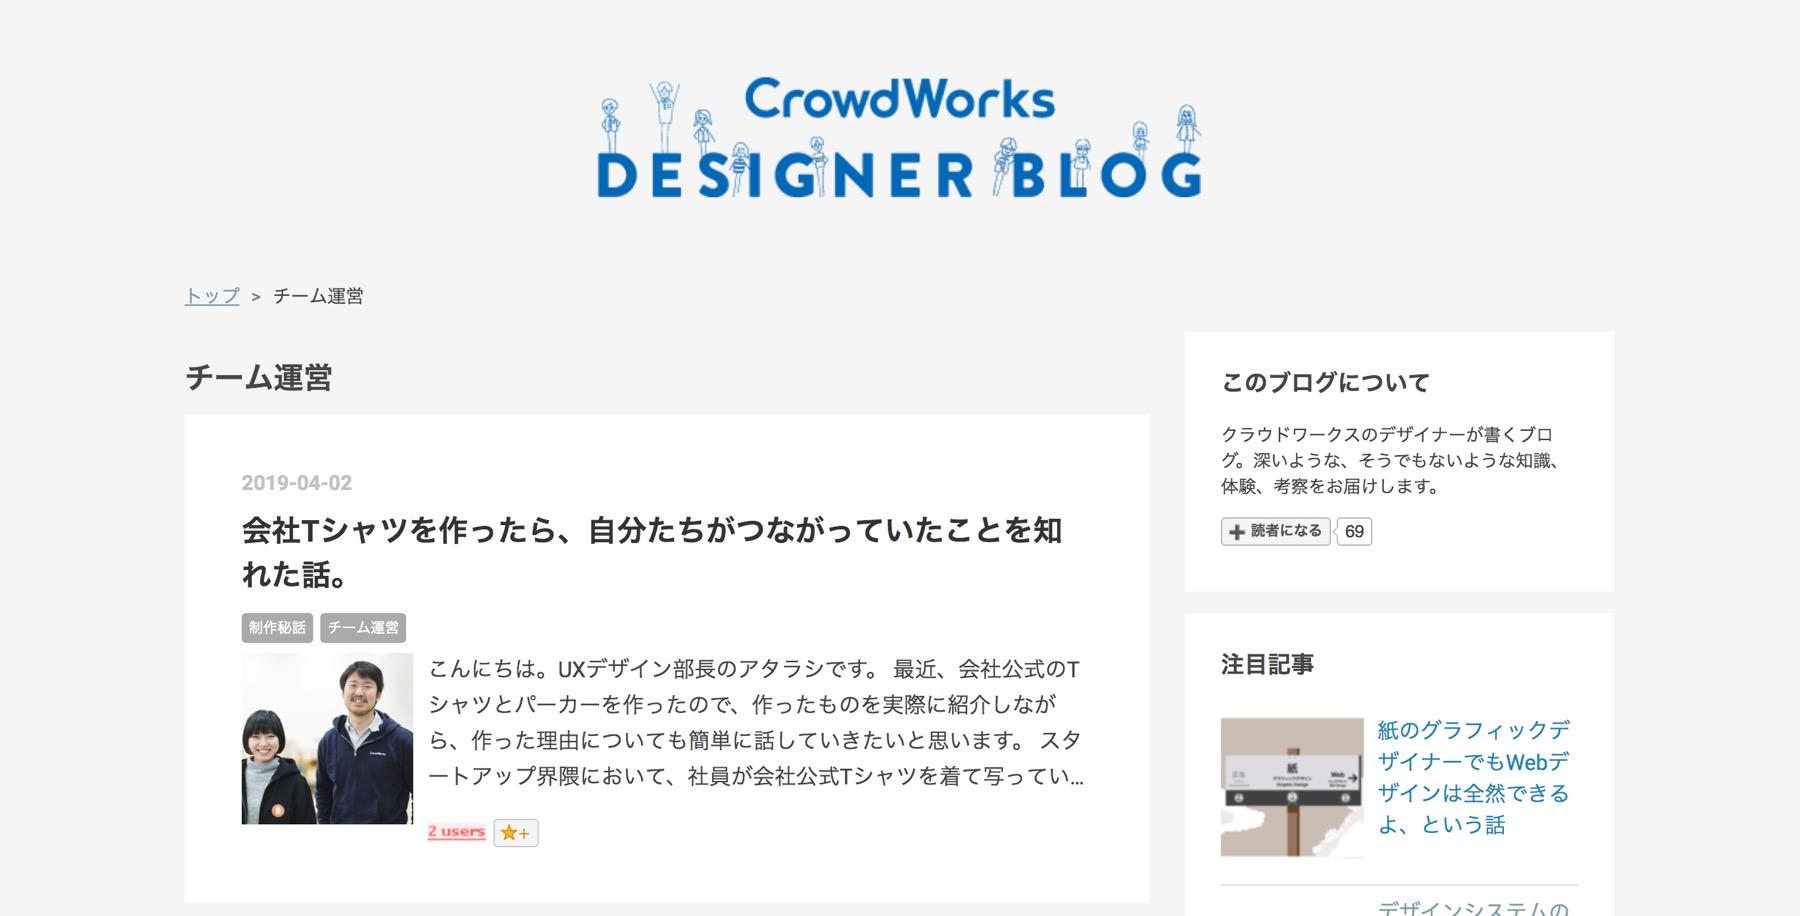 CrowdWorks DESIGNER BLOG